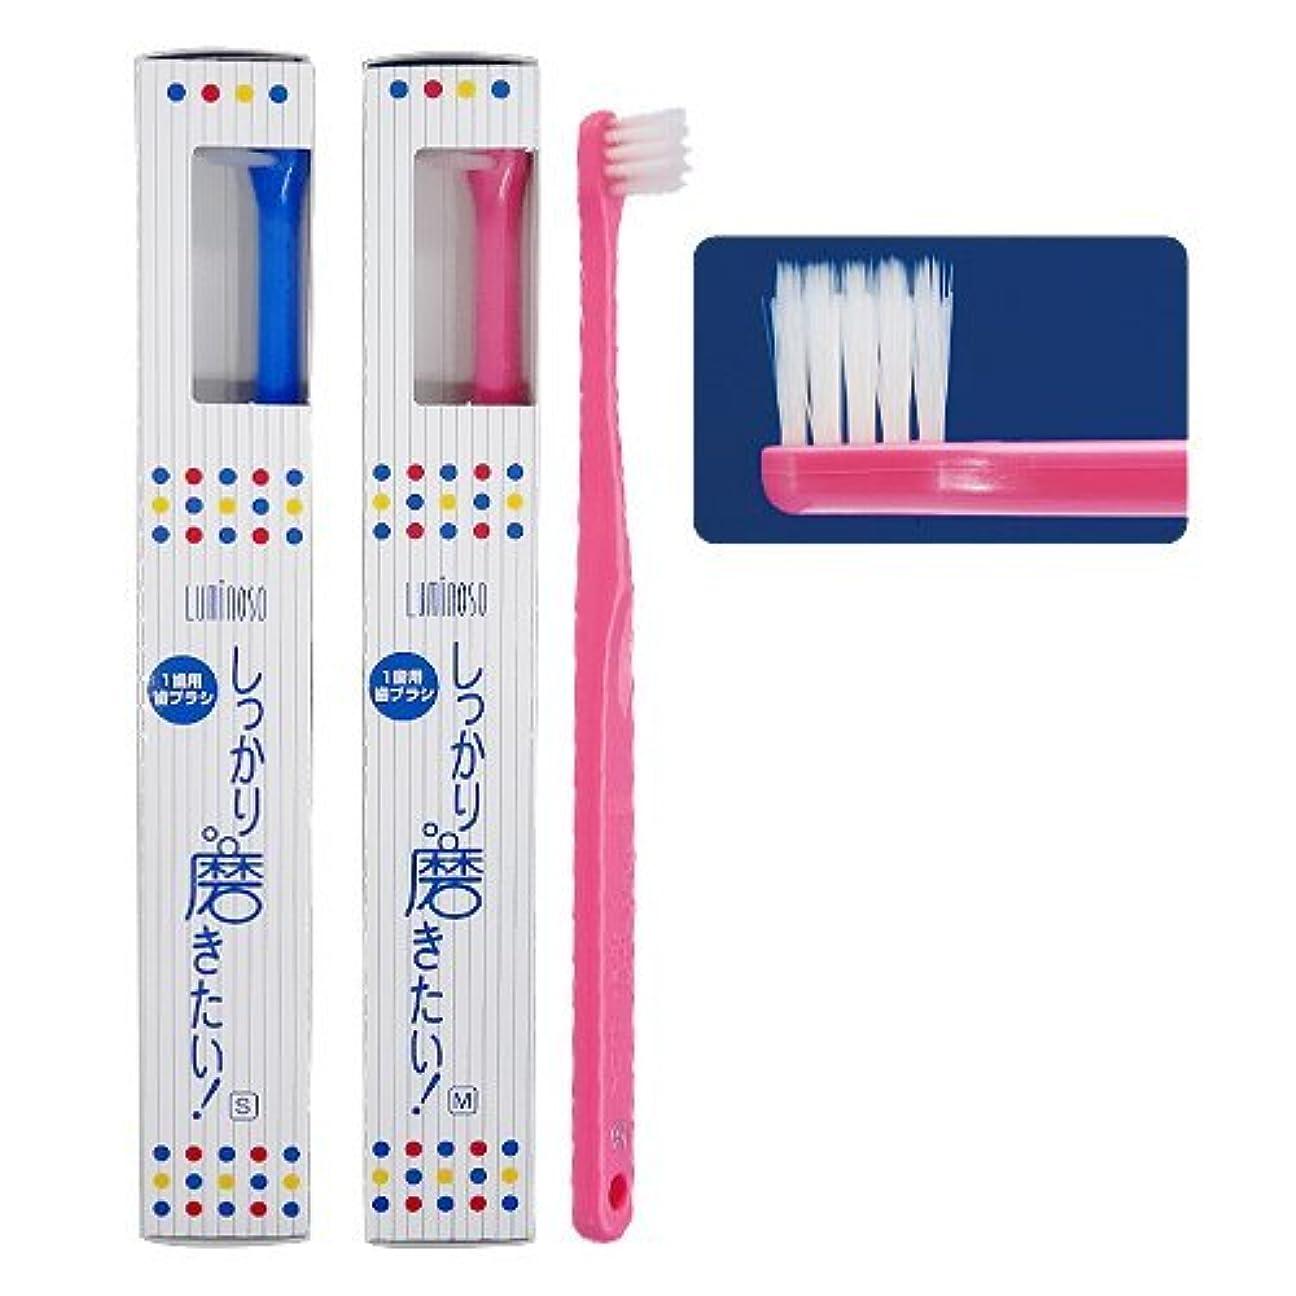 飢カカドゥ可能ルミノソ 1歯用歯ブラシ「しっかり磨きたい!」スタンダード ソフト (カラー指定不可) 10本